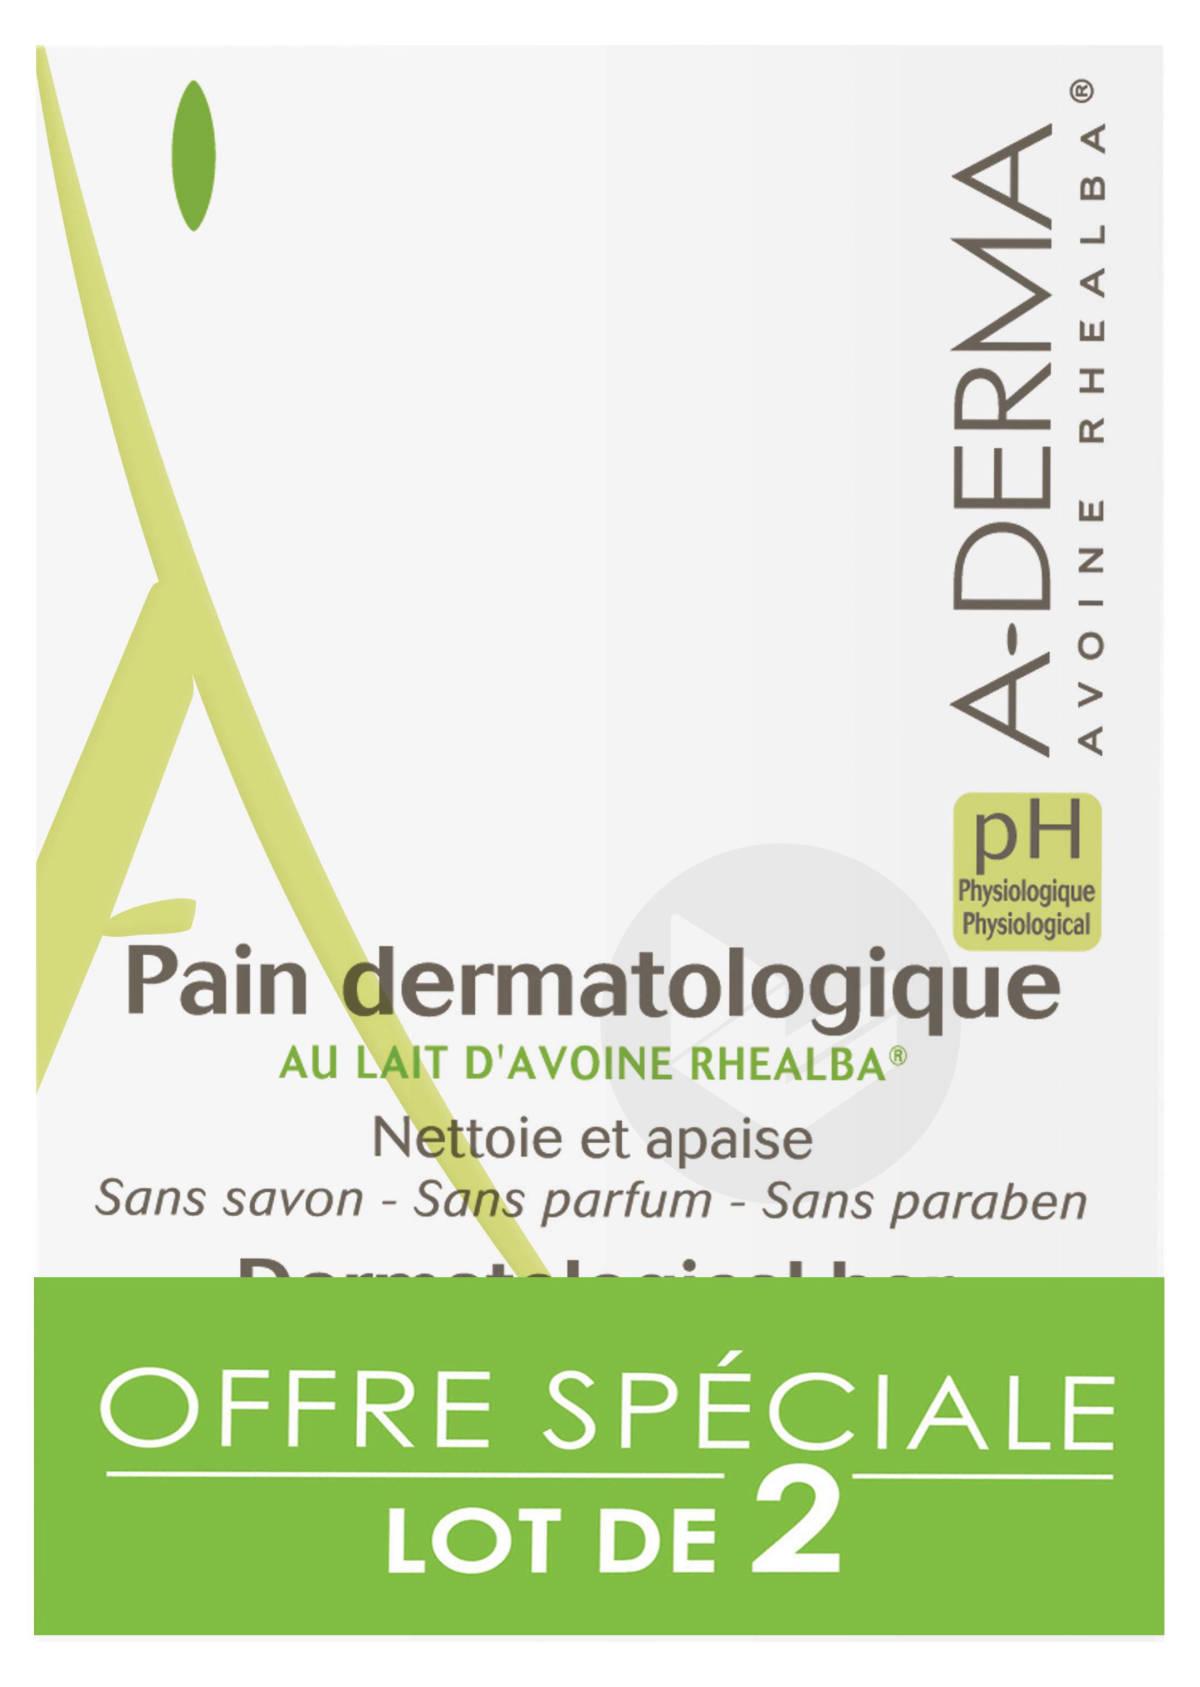 Pain dermatologique nettoyant apaisant au Lait d'Avoine 2x100g